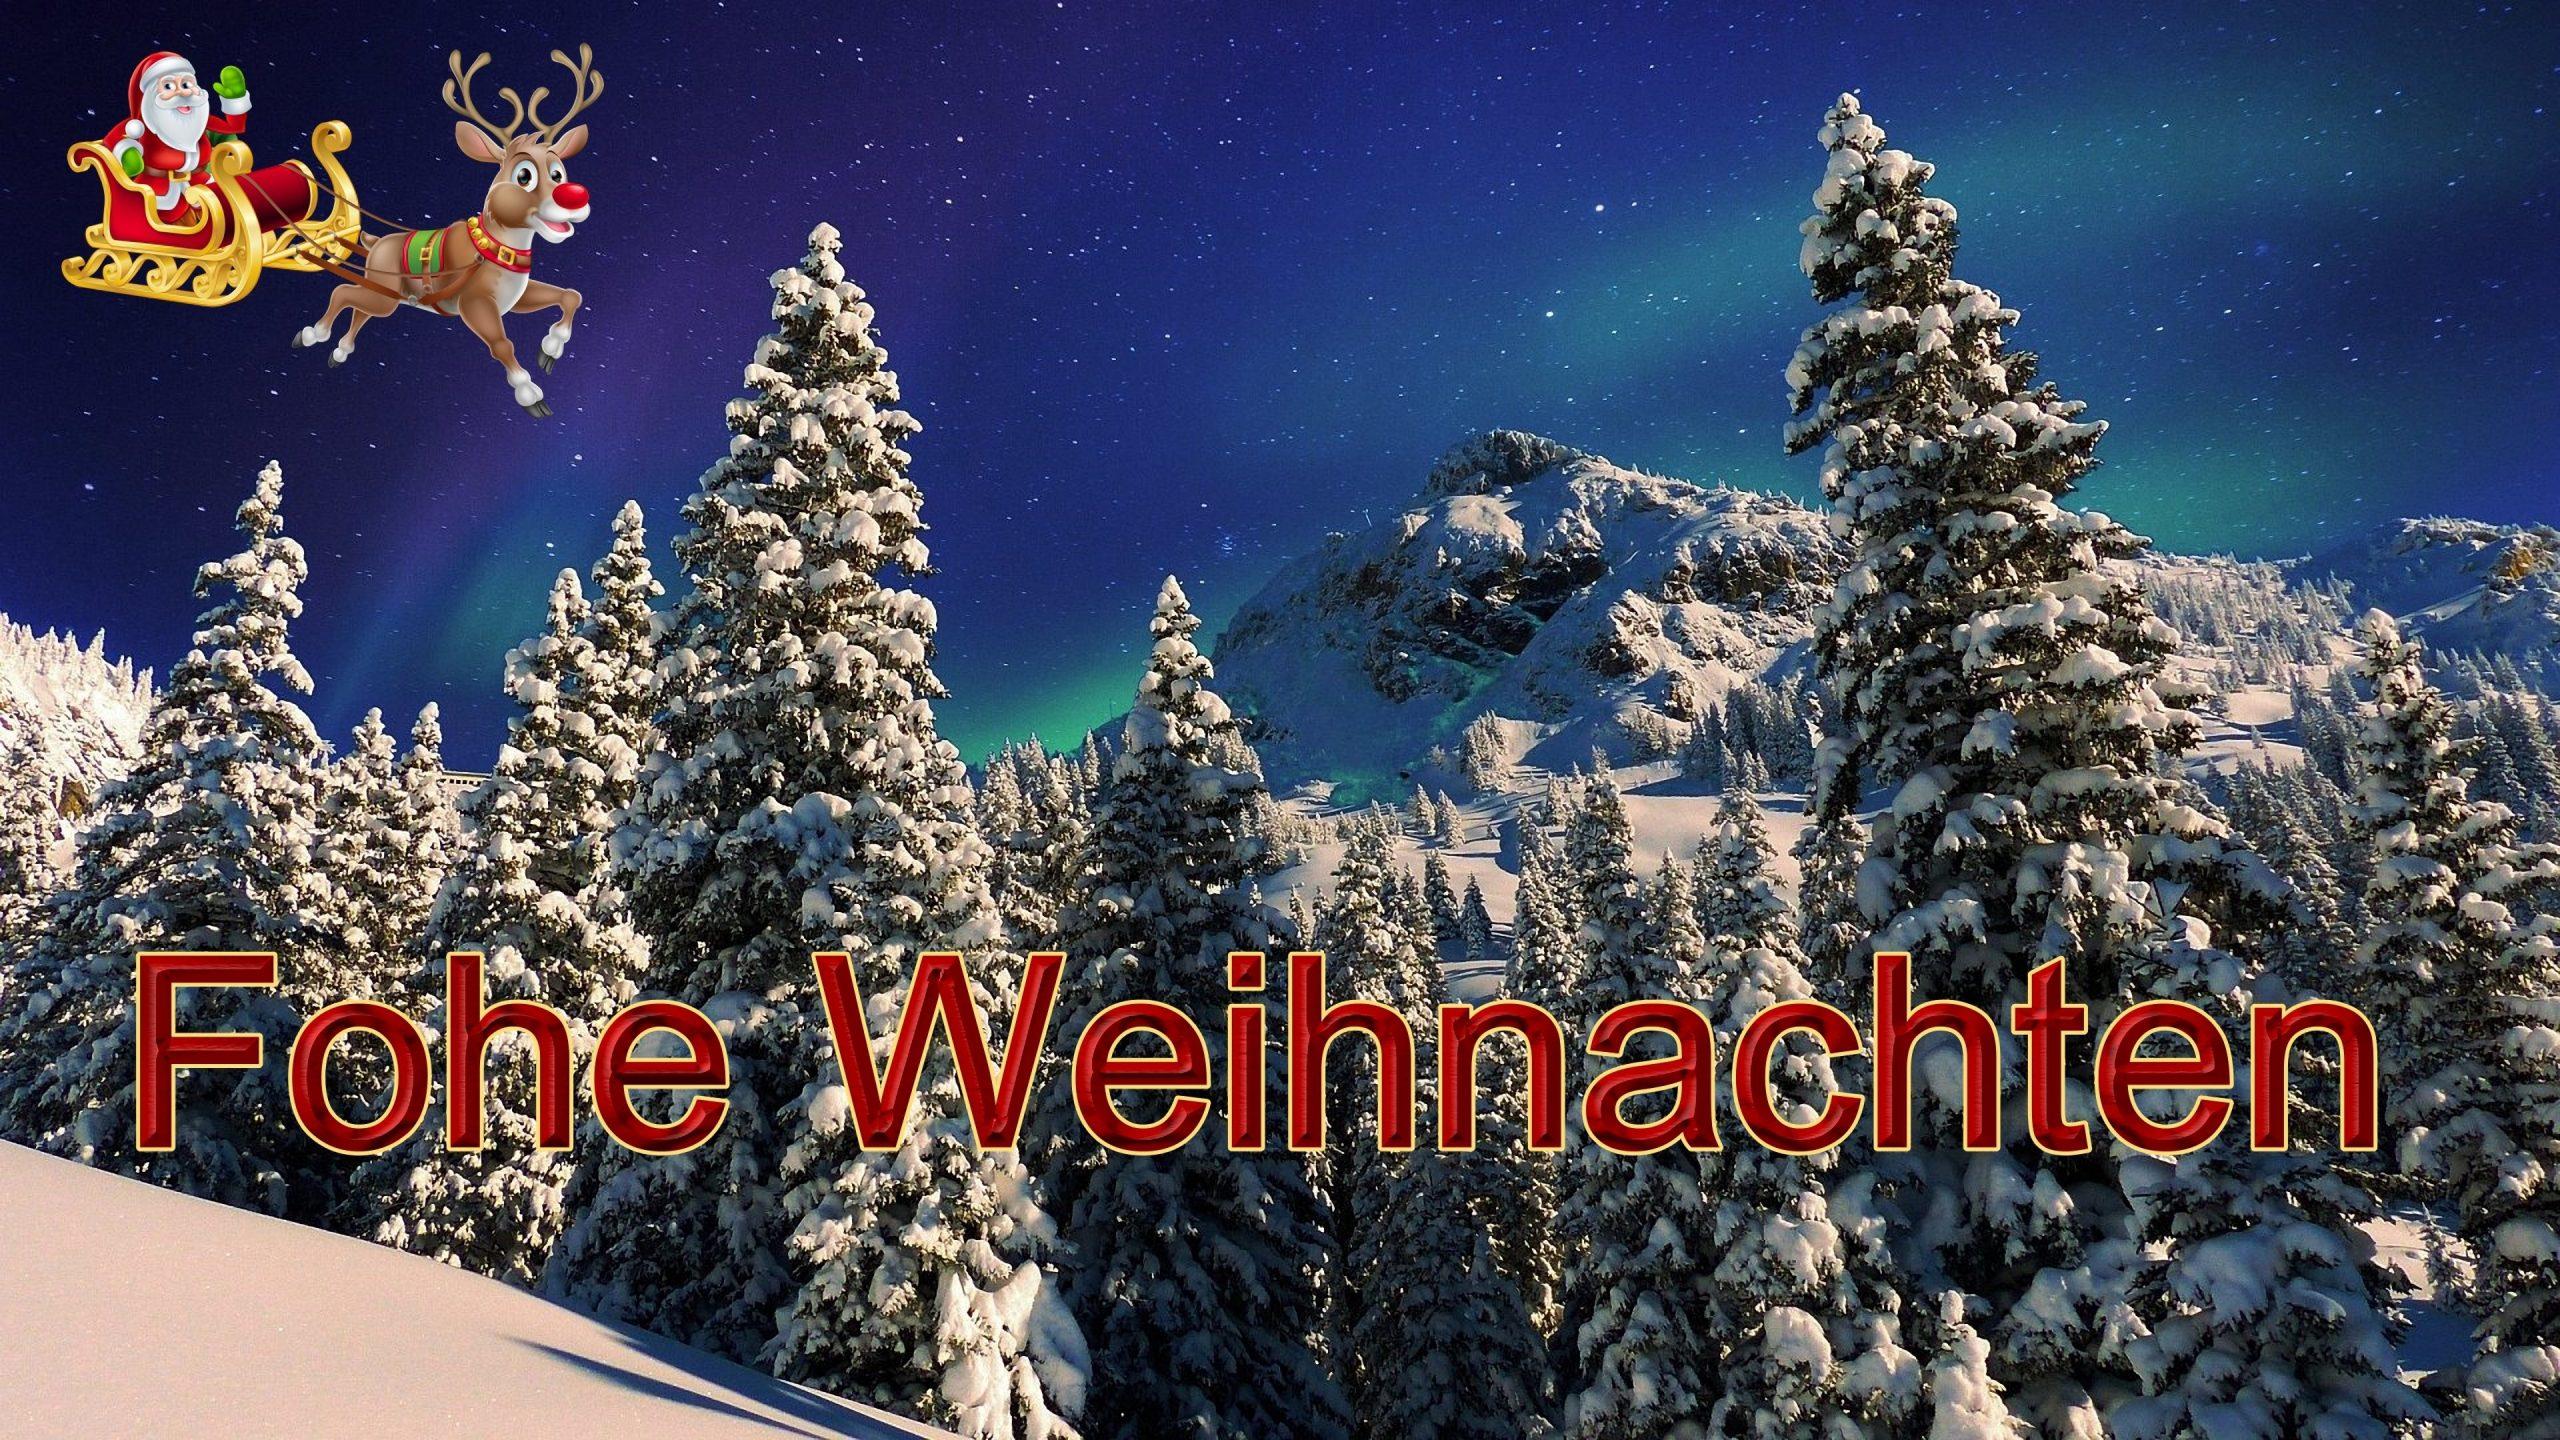 Hintergrundbilder Weihnachten Gratis bestimmt für Kostenlose Weihnachtsmotive